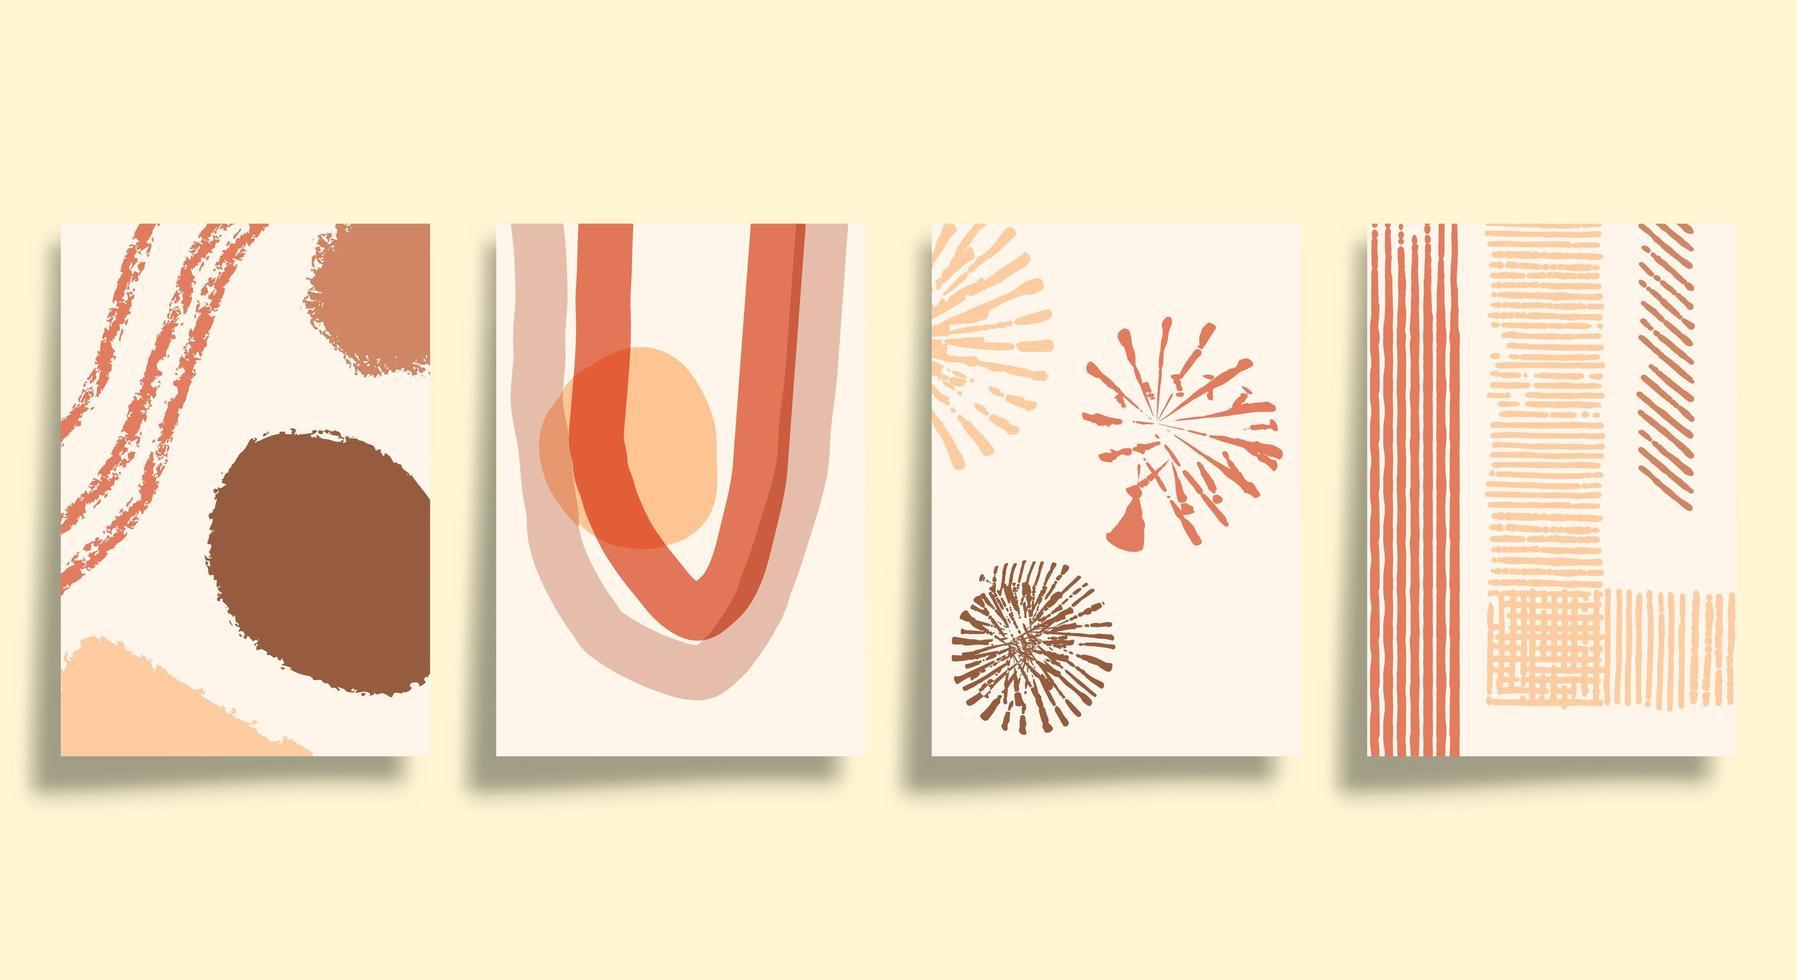 conjunto de cubiertas de tipografía minimalista abstracta vector